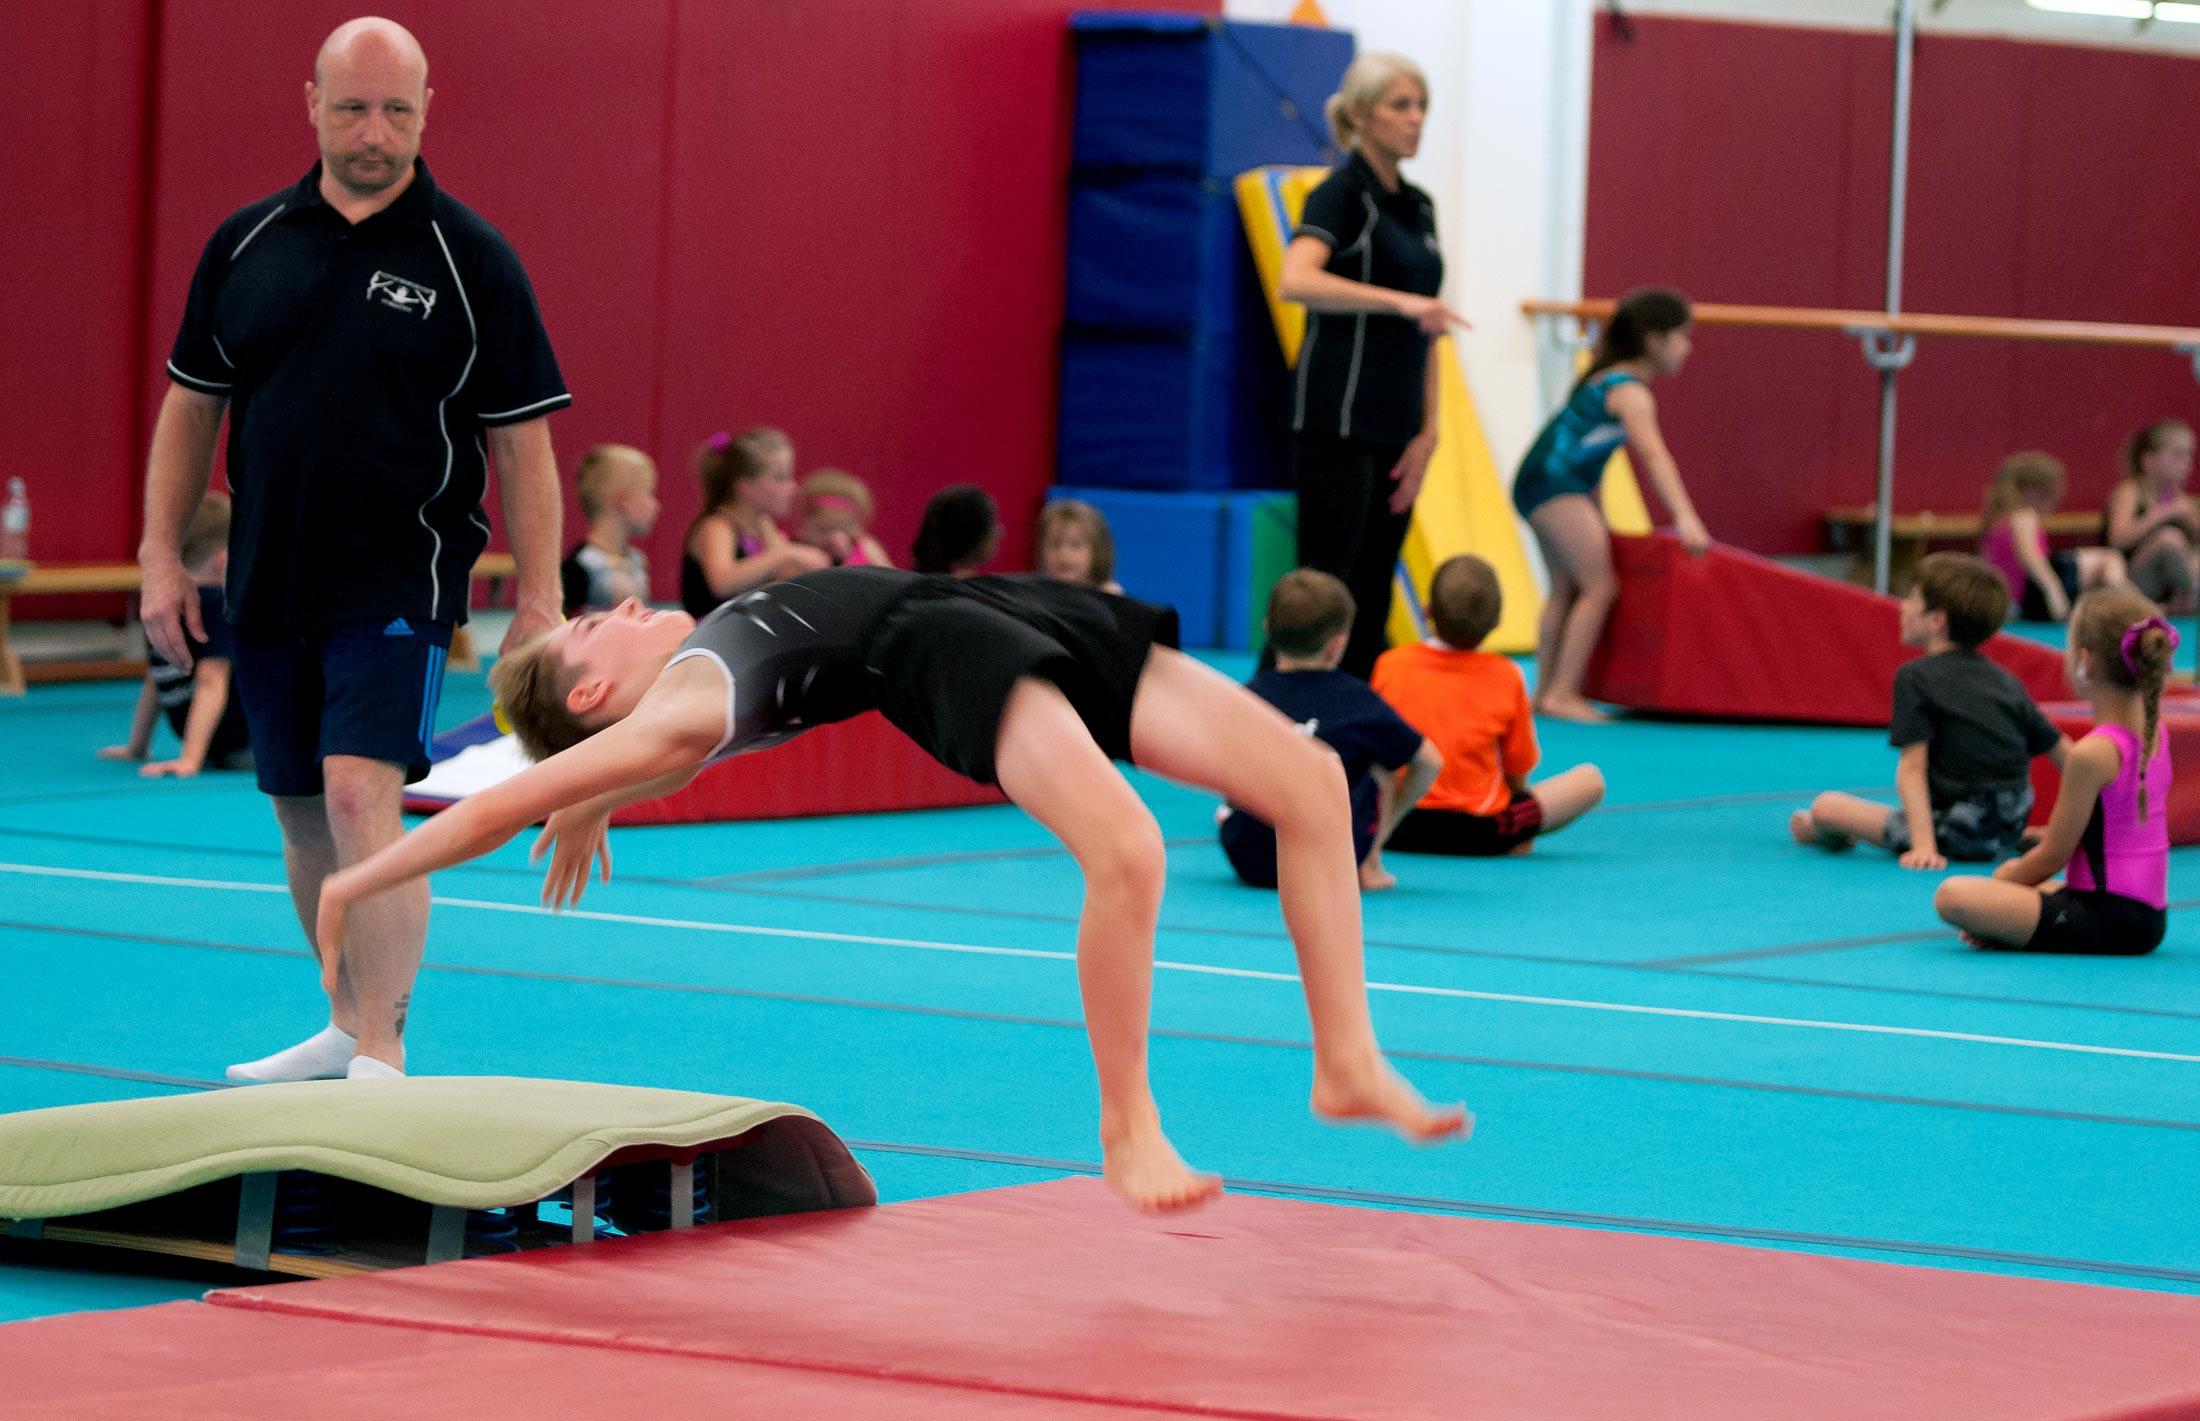 gymnast learning handspring